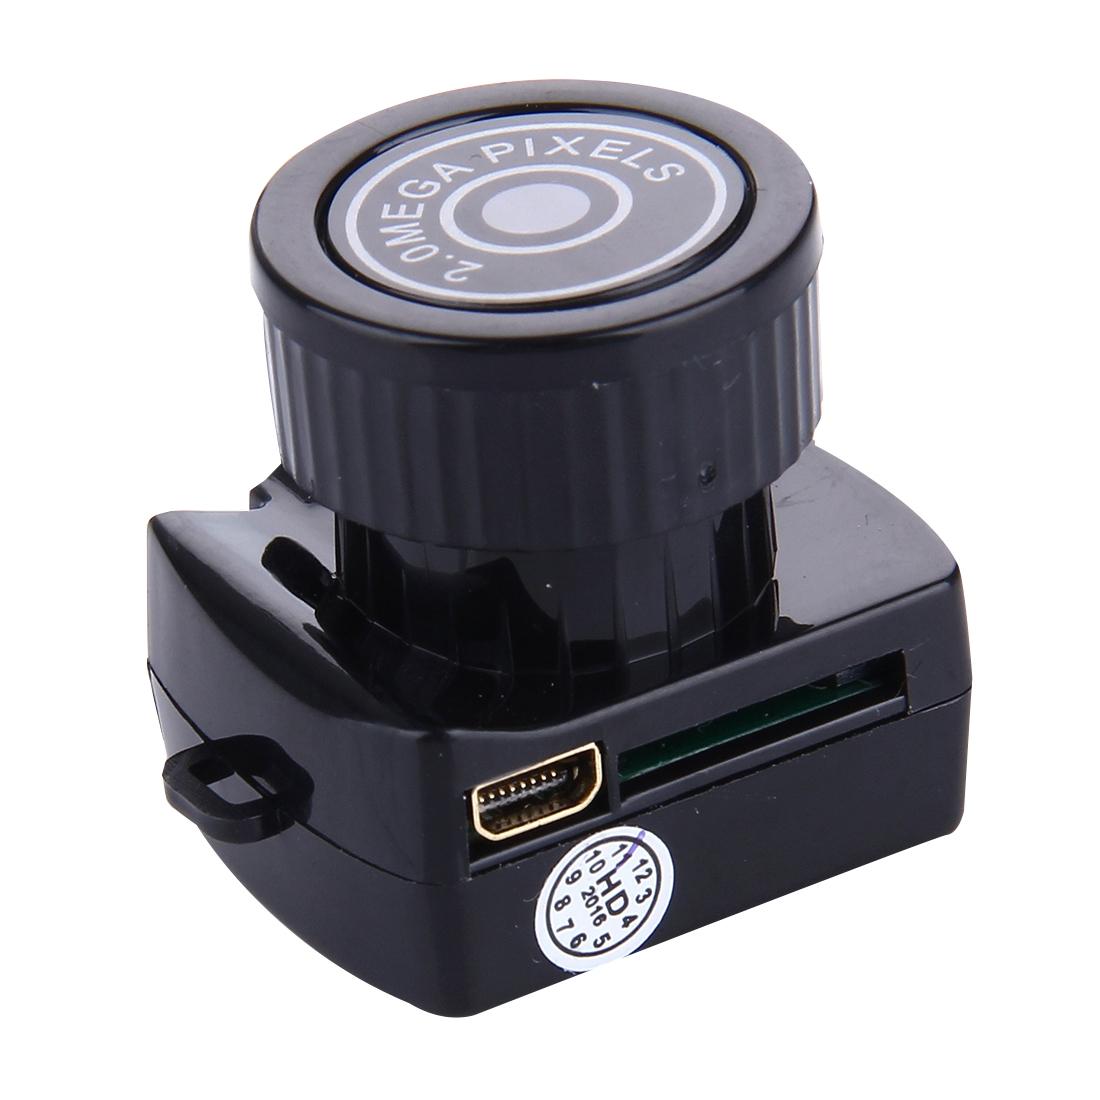 Цифровой диктофон с высоким разрешением и длительной записью, проигрыватель, мини DV-видеокамеры